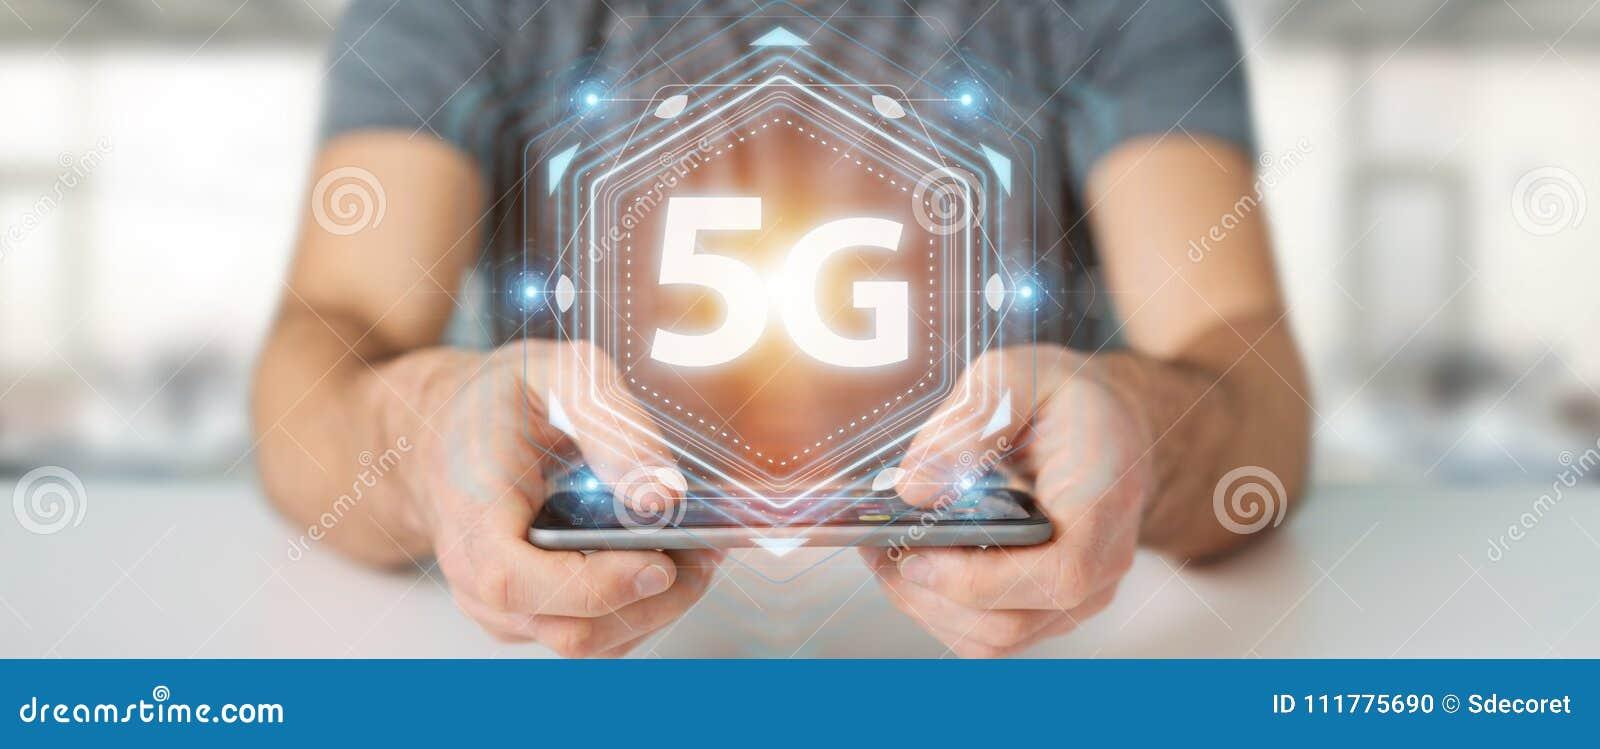 Бизнесмен используя 5G перевод сетевого интерфейса 3D